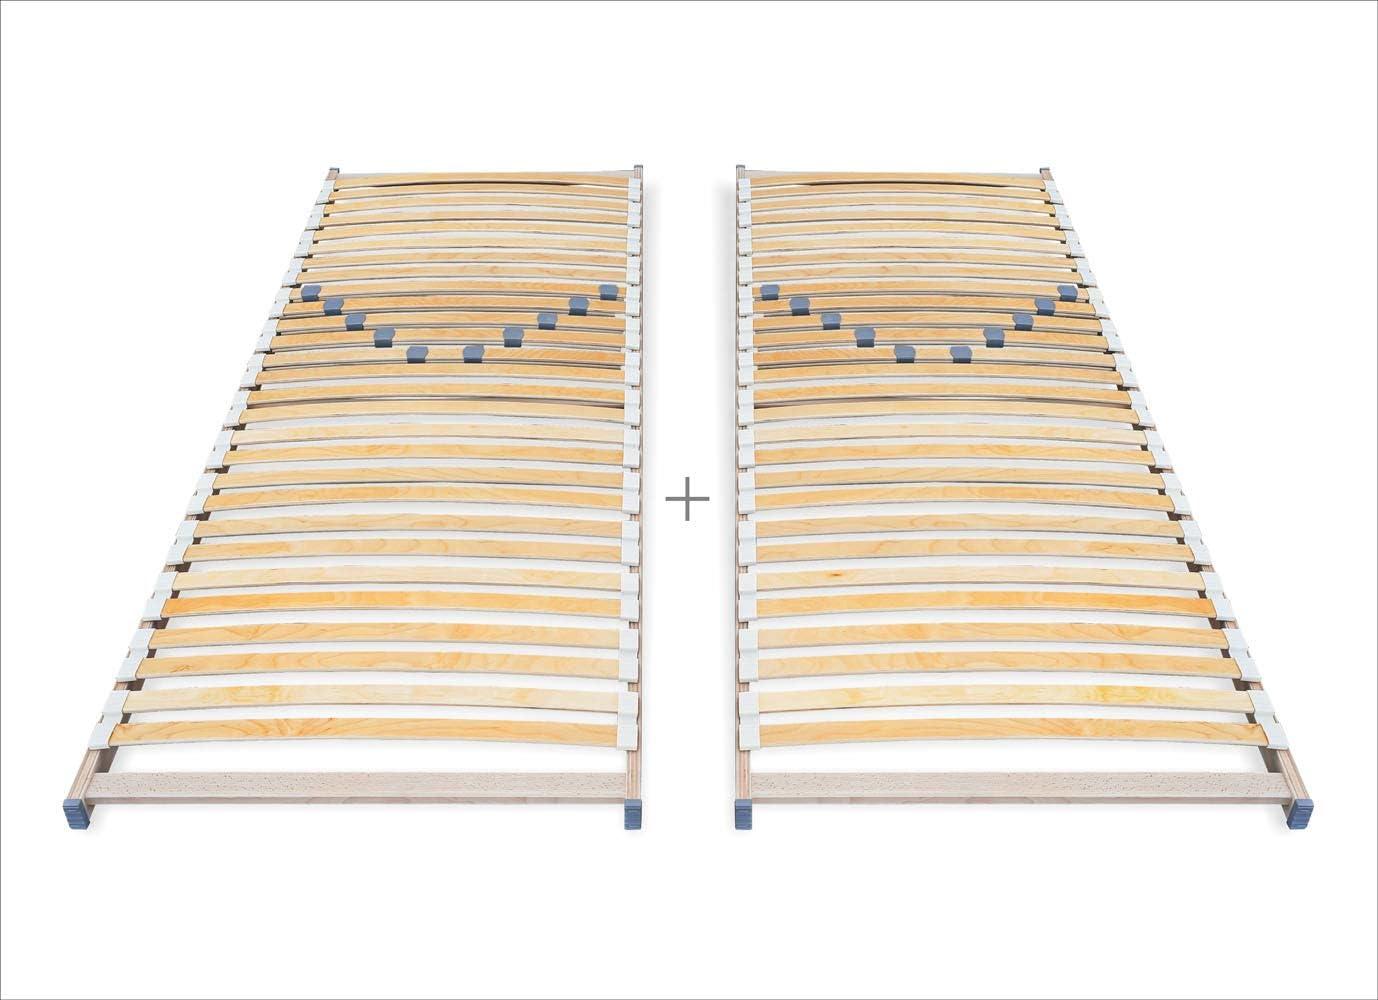 80 x 200 100 x 200 90 x 200 Rete a doghe con regolazione di durezza ECOFORM 90 x 200 cm dal produttore